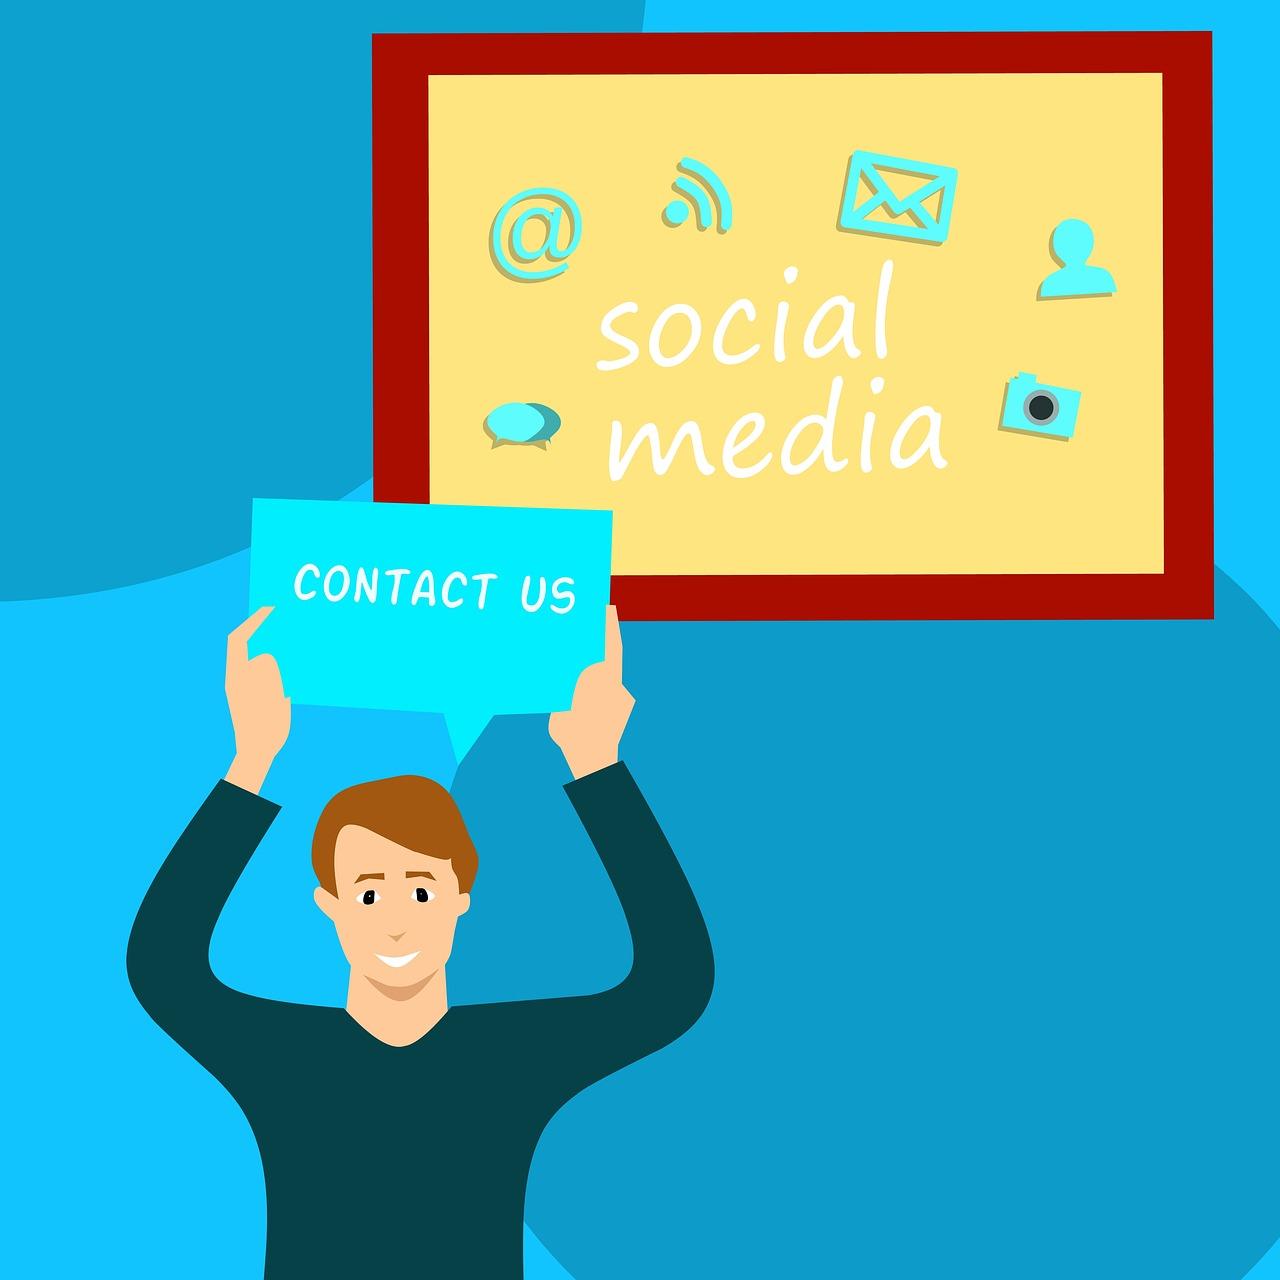 advertising on social media for freelance writers